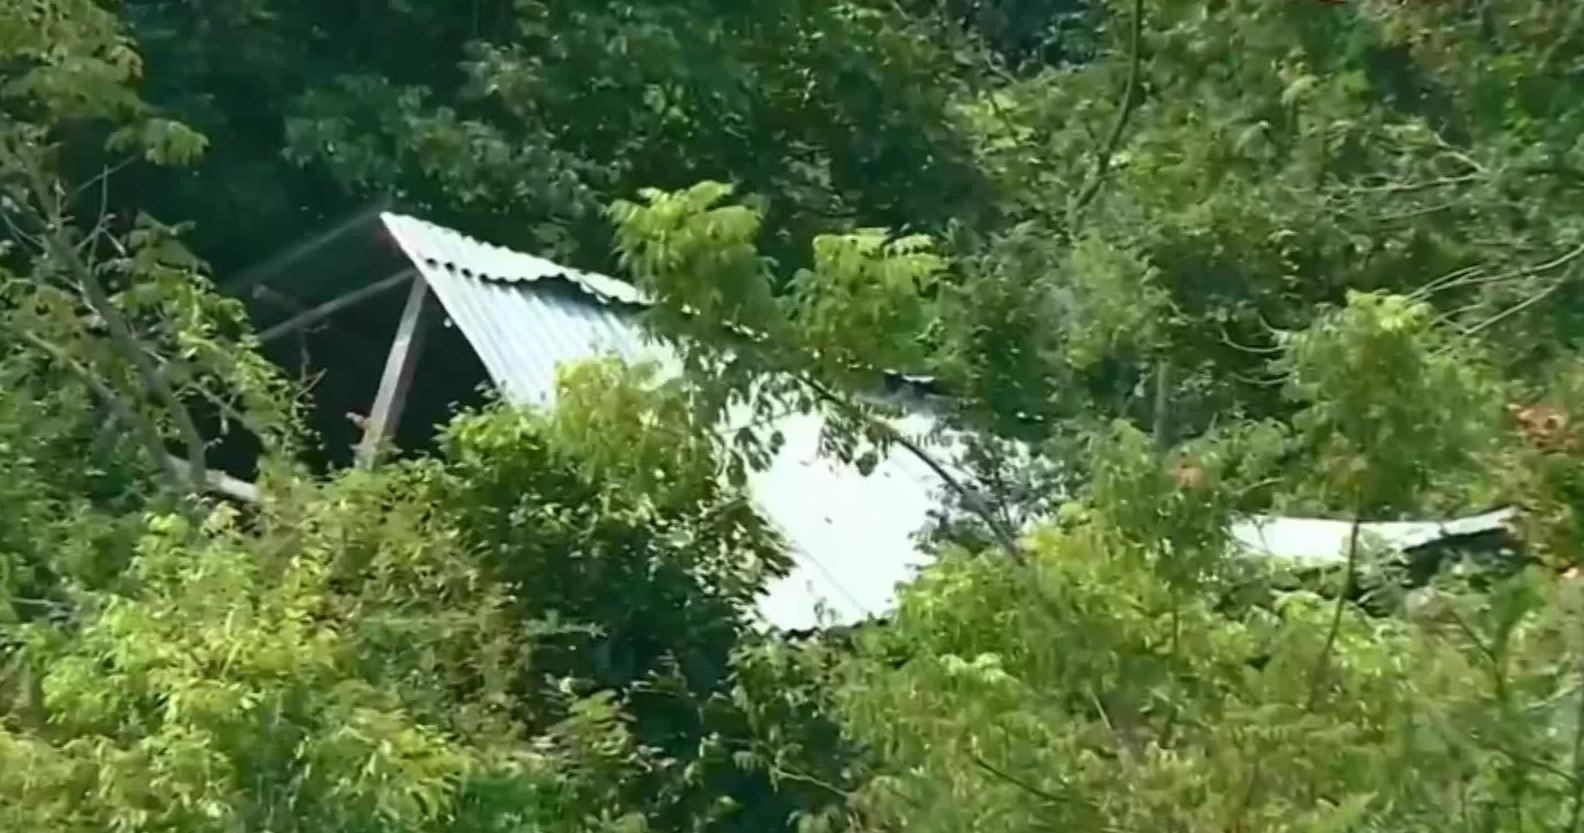 Khánh Hòa: Sai phạm hết hồn núp sau những ngôi nhà tạm (P1)